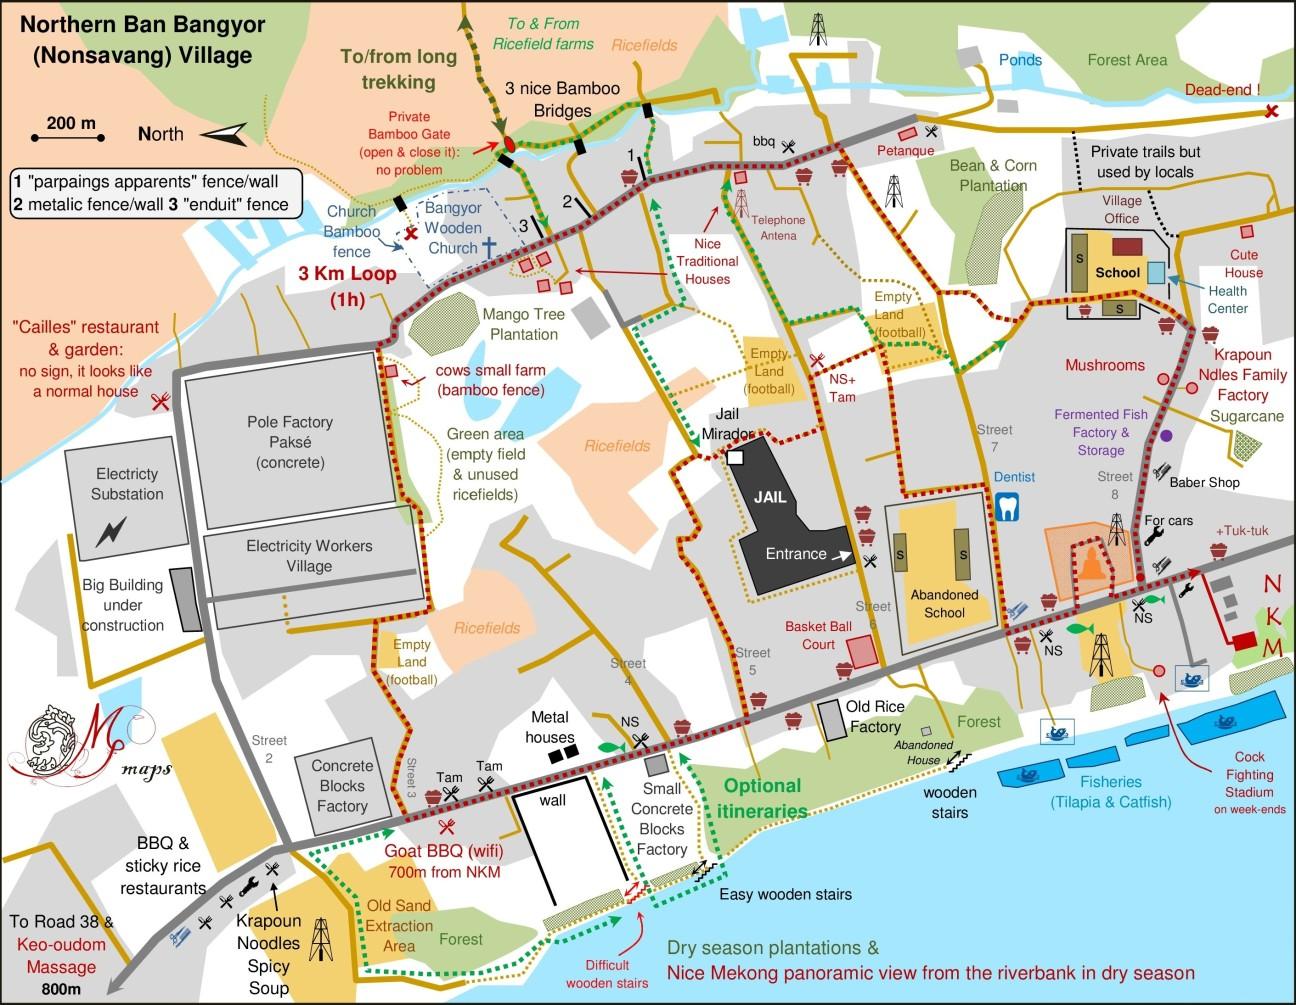 NKM Ban Bangyor Nonsavang map (1)